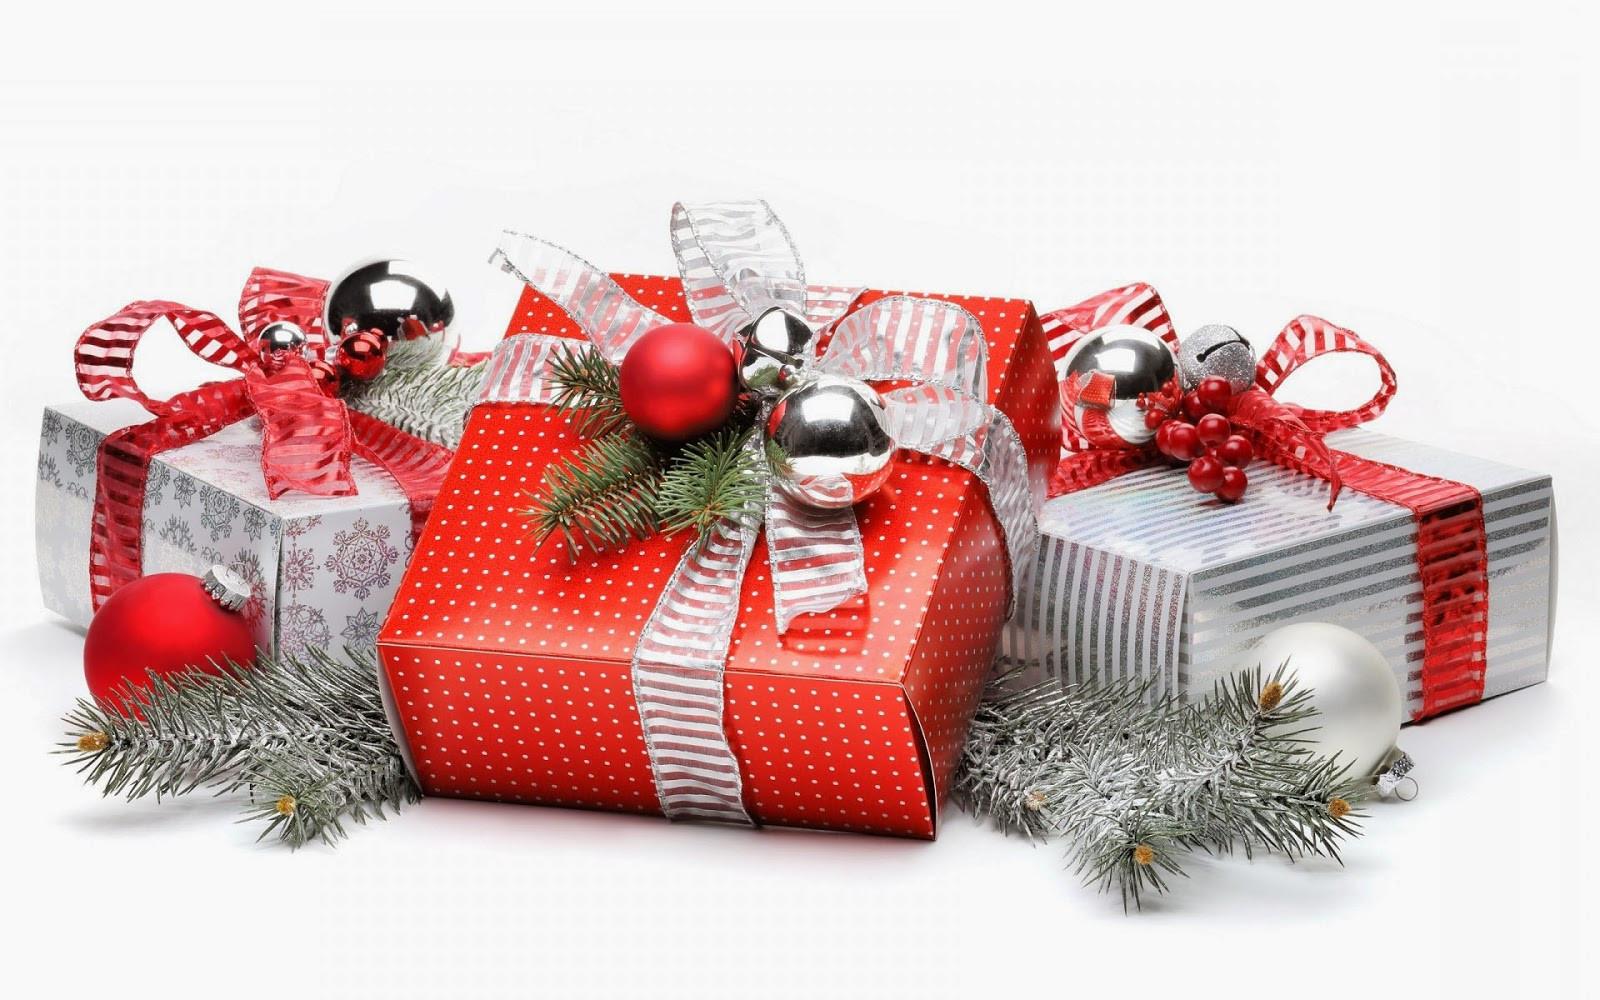 Weihnachts Geschenke  Bild von weihnachtsgeschenke